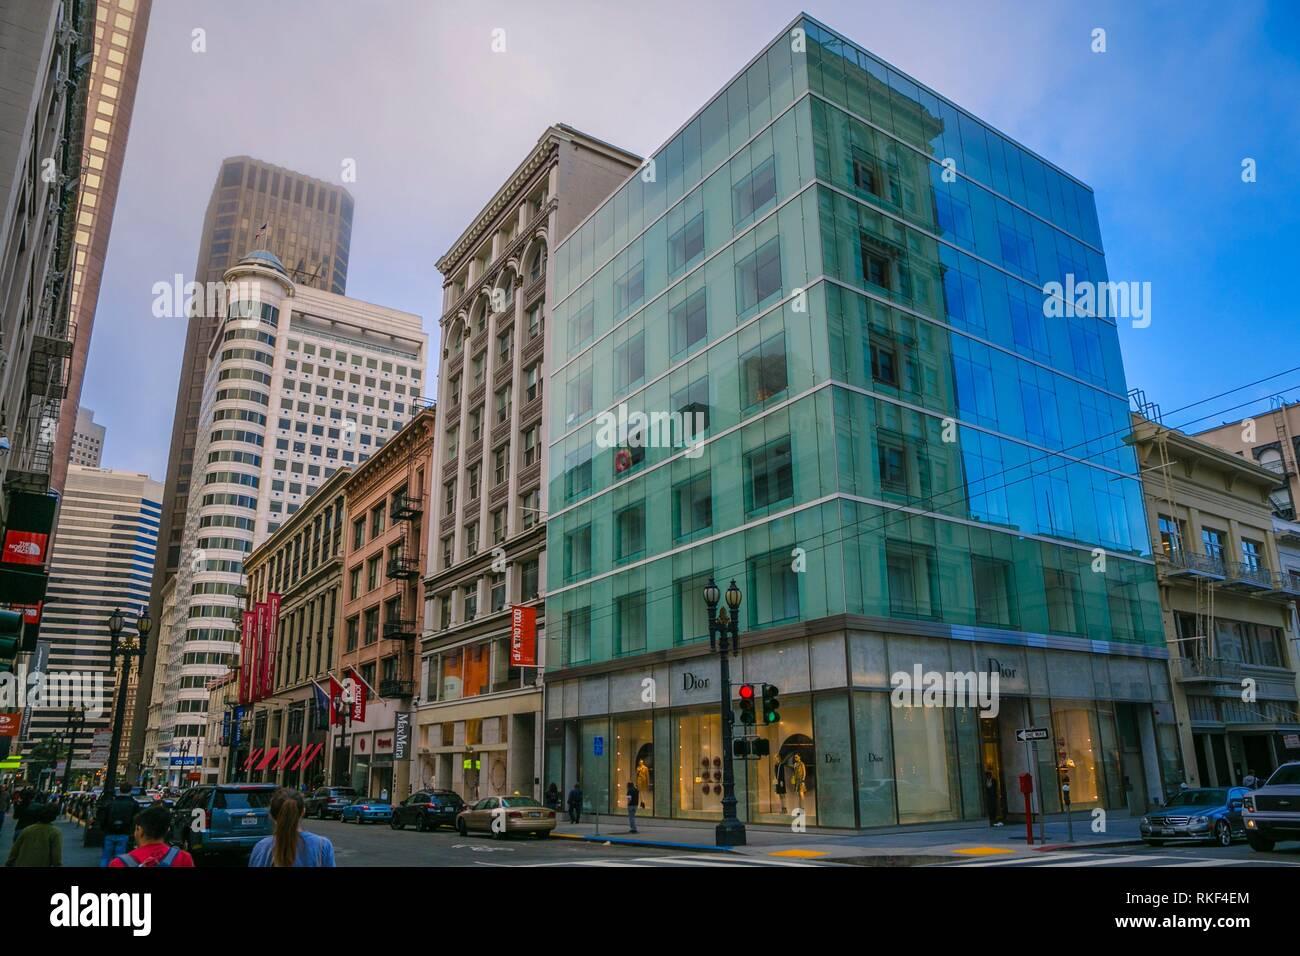 Calles alrededor de la plaza Unión. San Francisco. California, EE.UU. Foto de stock